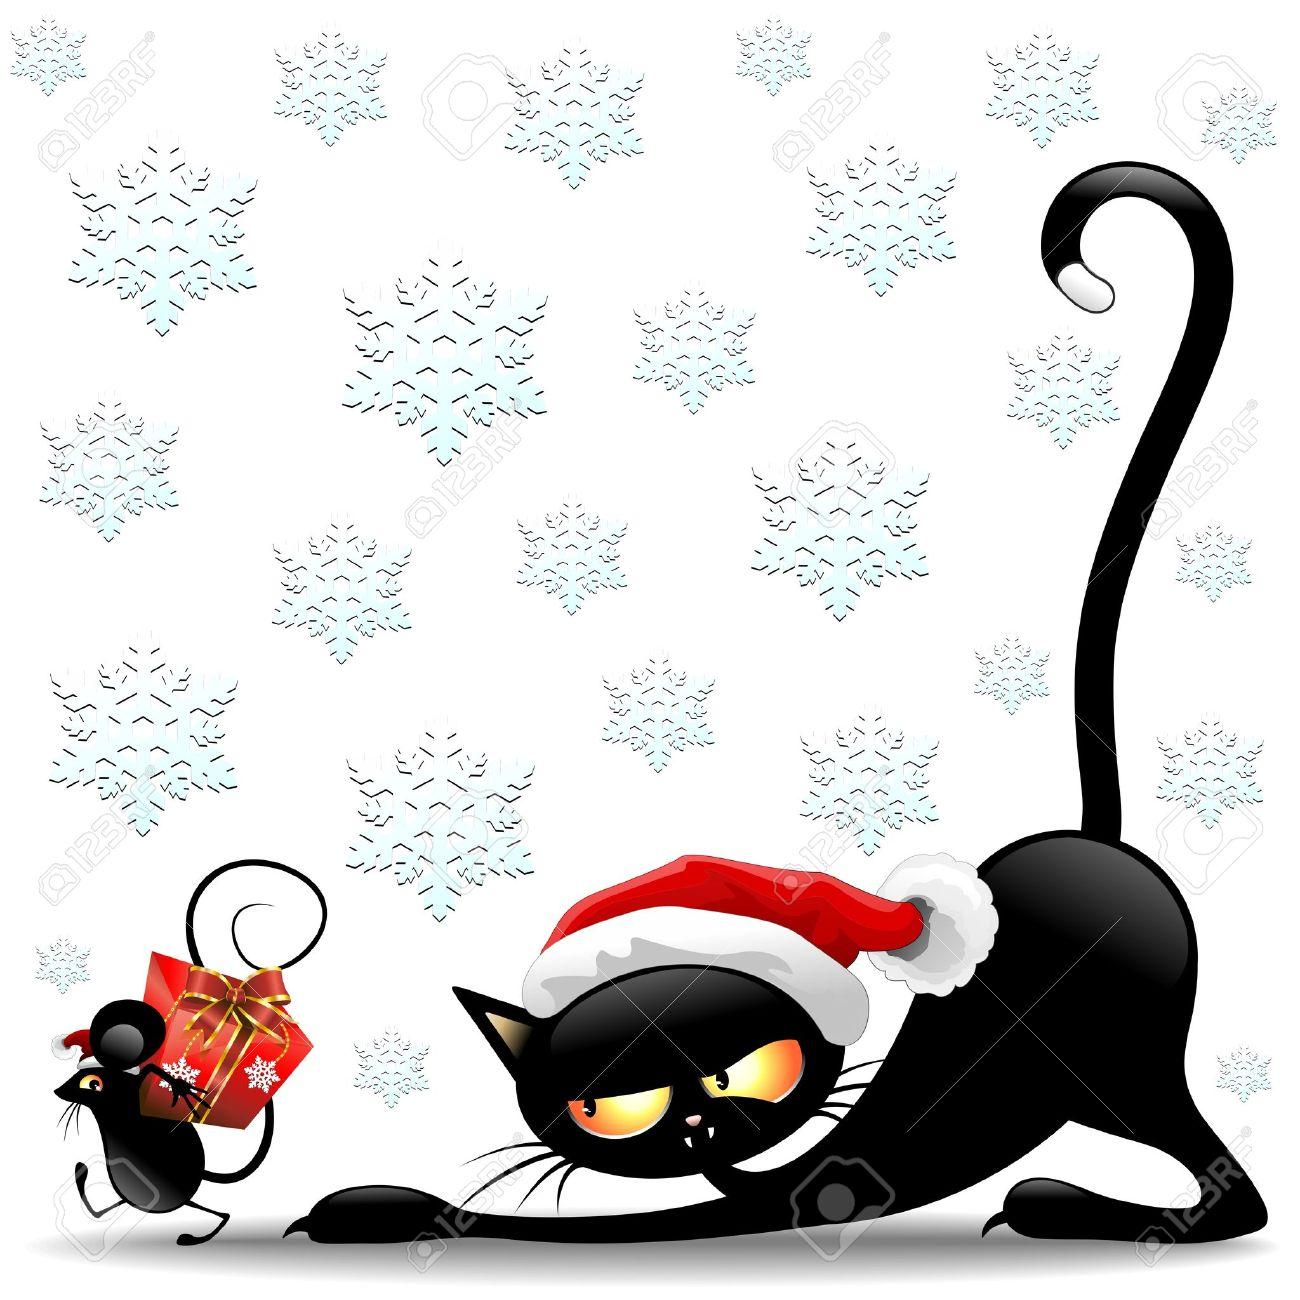 chat et souris Chat et souris de dessin animé drôle de Père Noël